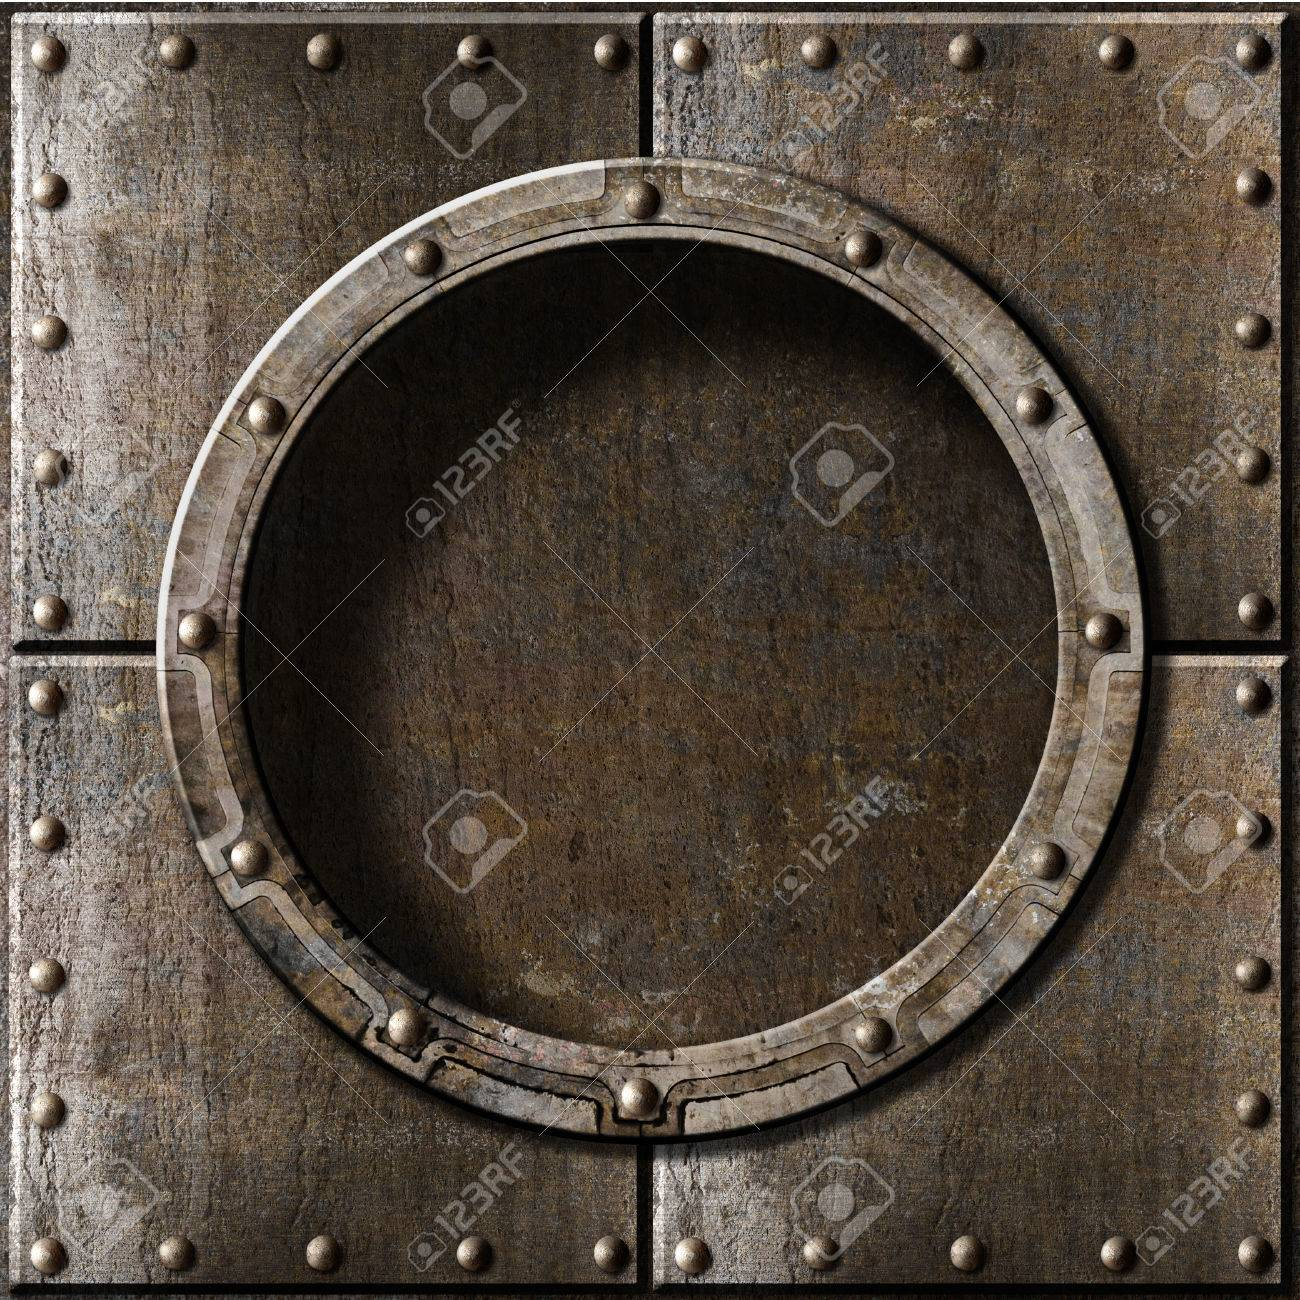 metal porthole background - 22558377